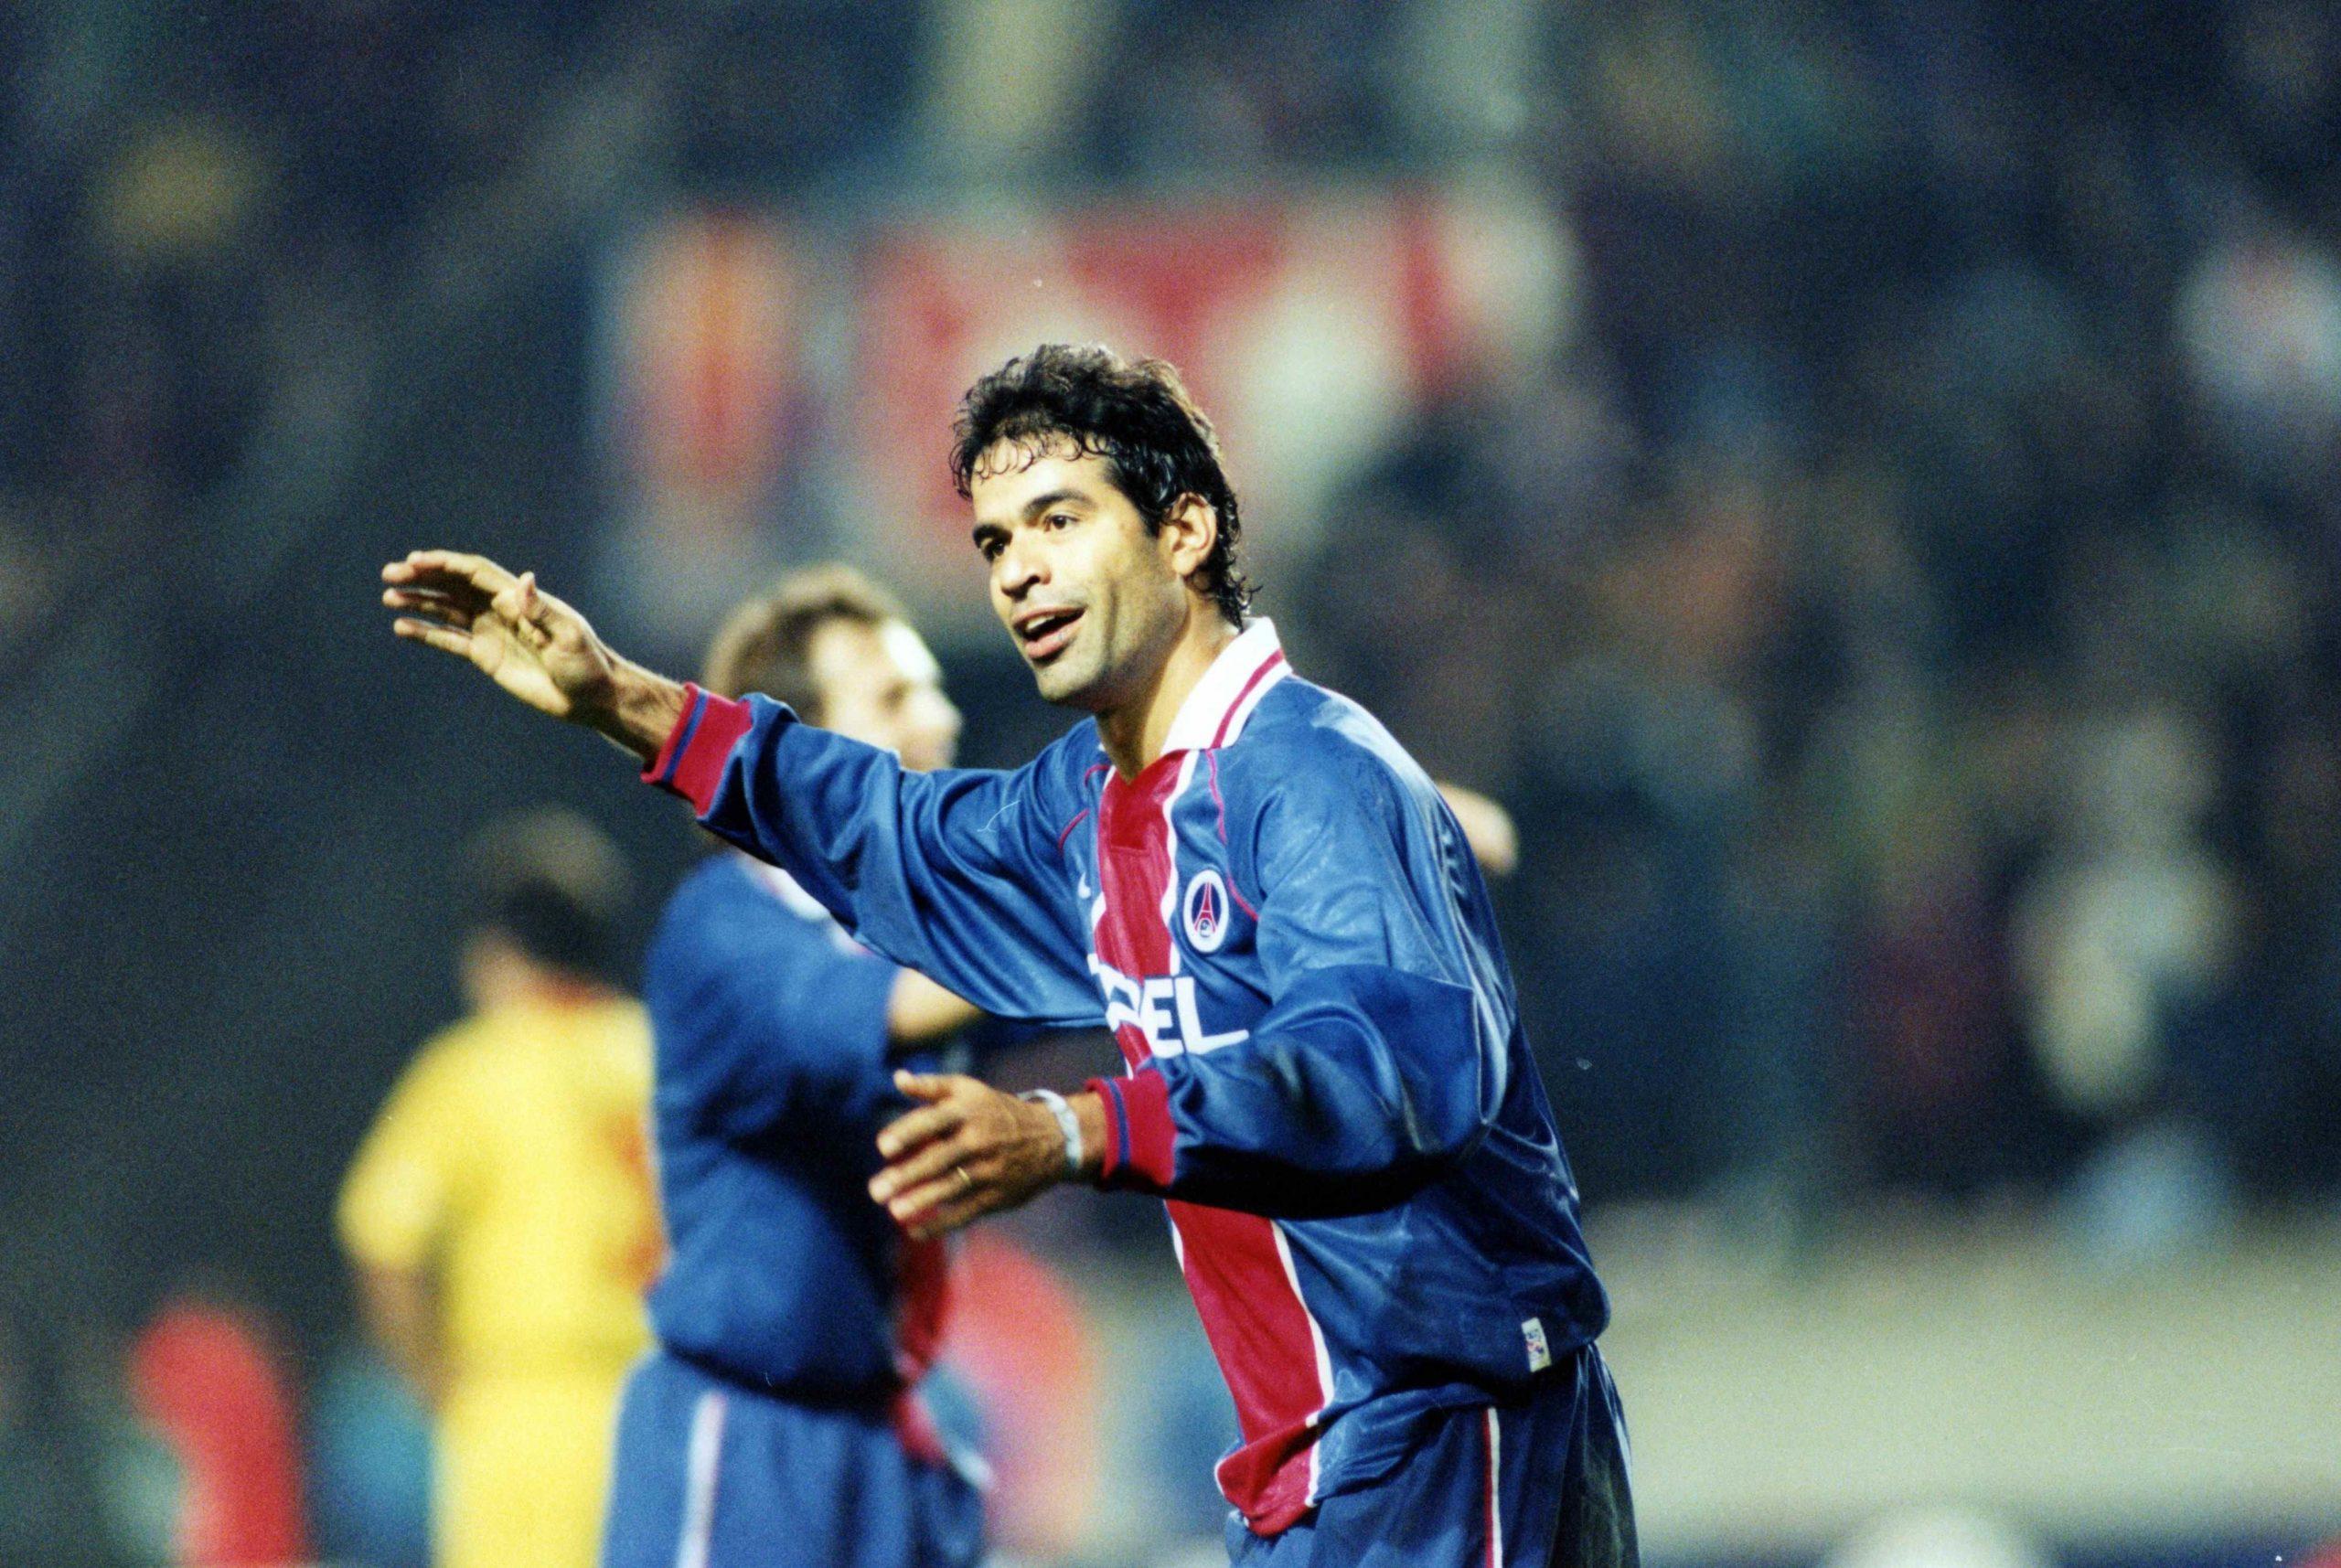 Rai donne son avis sur Neymar et évoque un possible retour au PSG